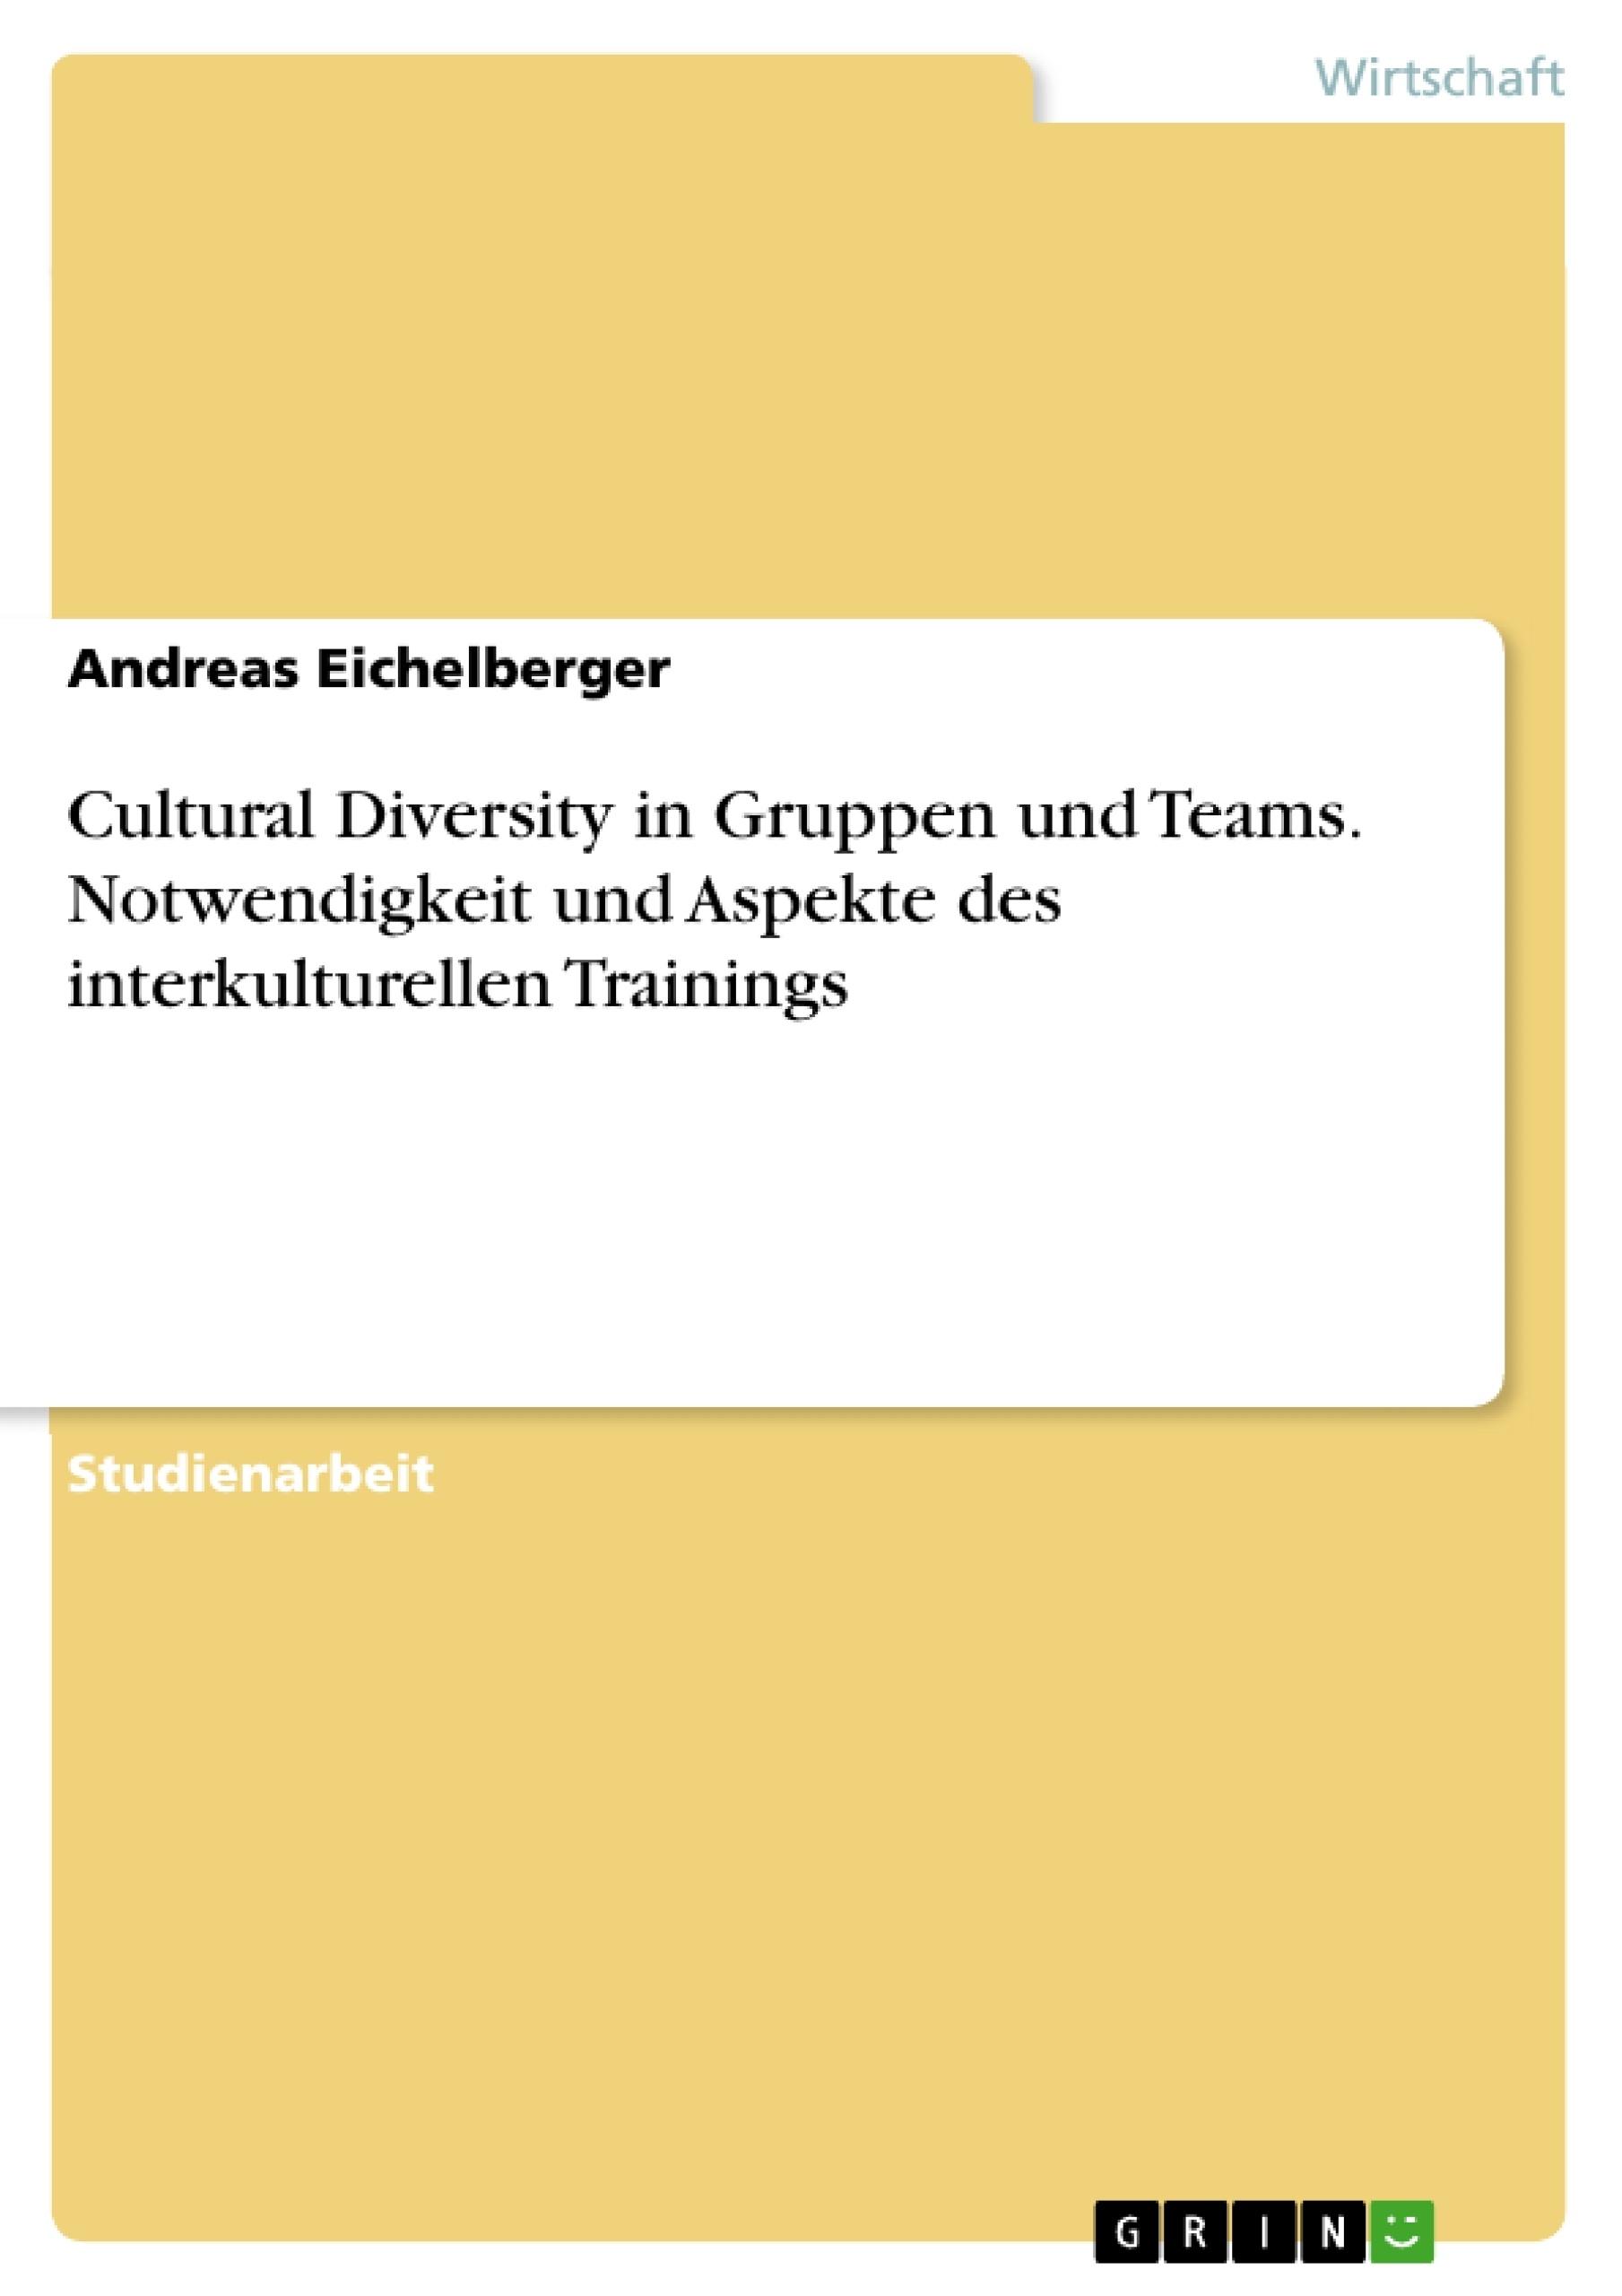 Titel: Cultural Diversity in Gruppen und Teams. Notwendigkeit und Aspekte des interkulturellen Trainings